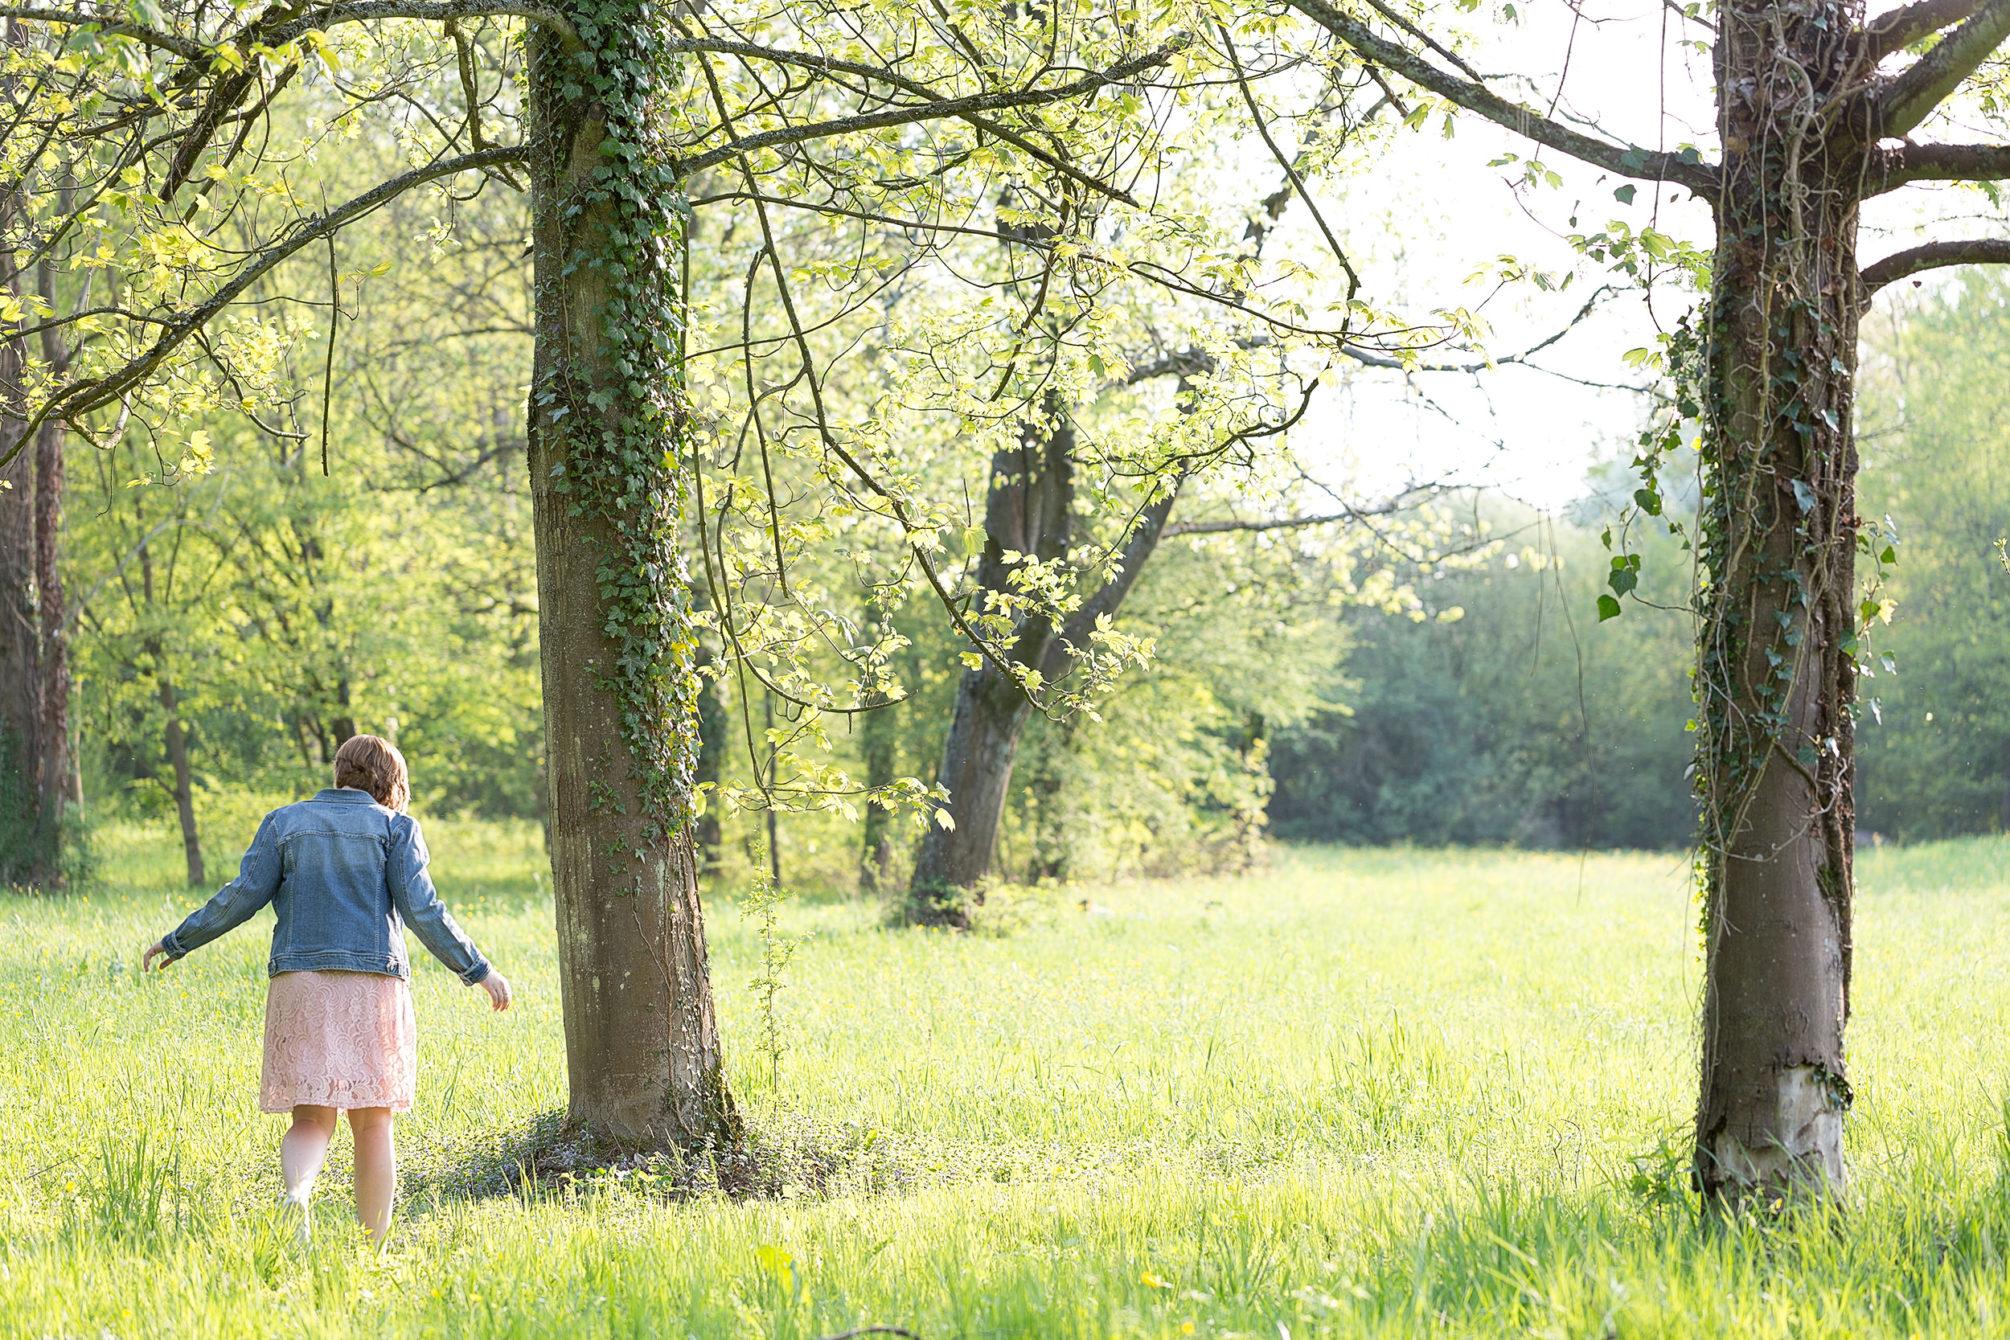 Frau läuft auf im hohen Gras eine Gruppe Bäume zu,